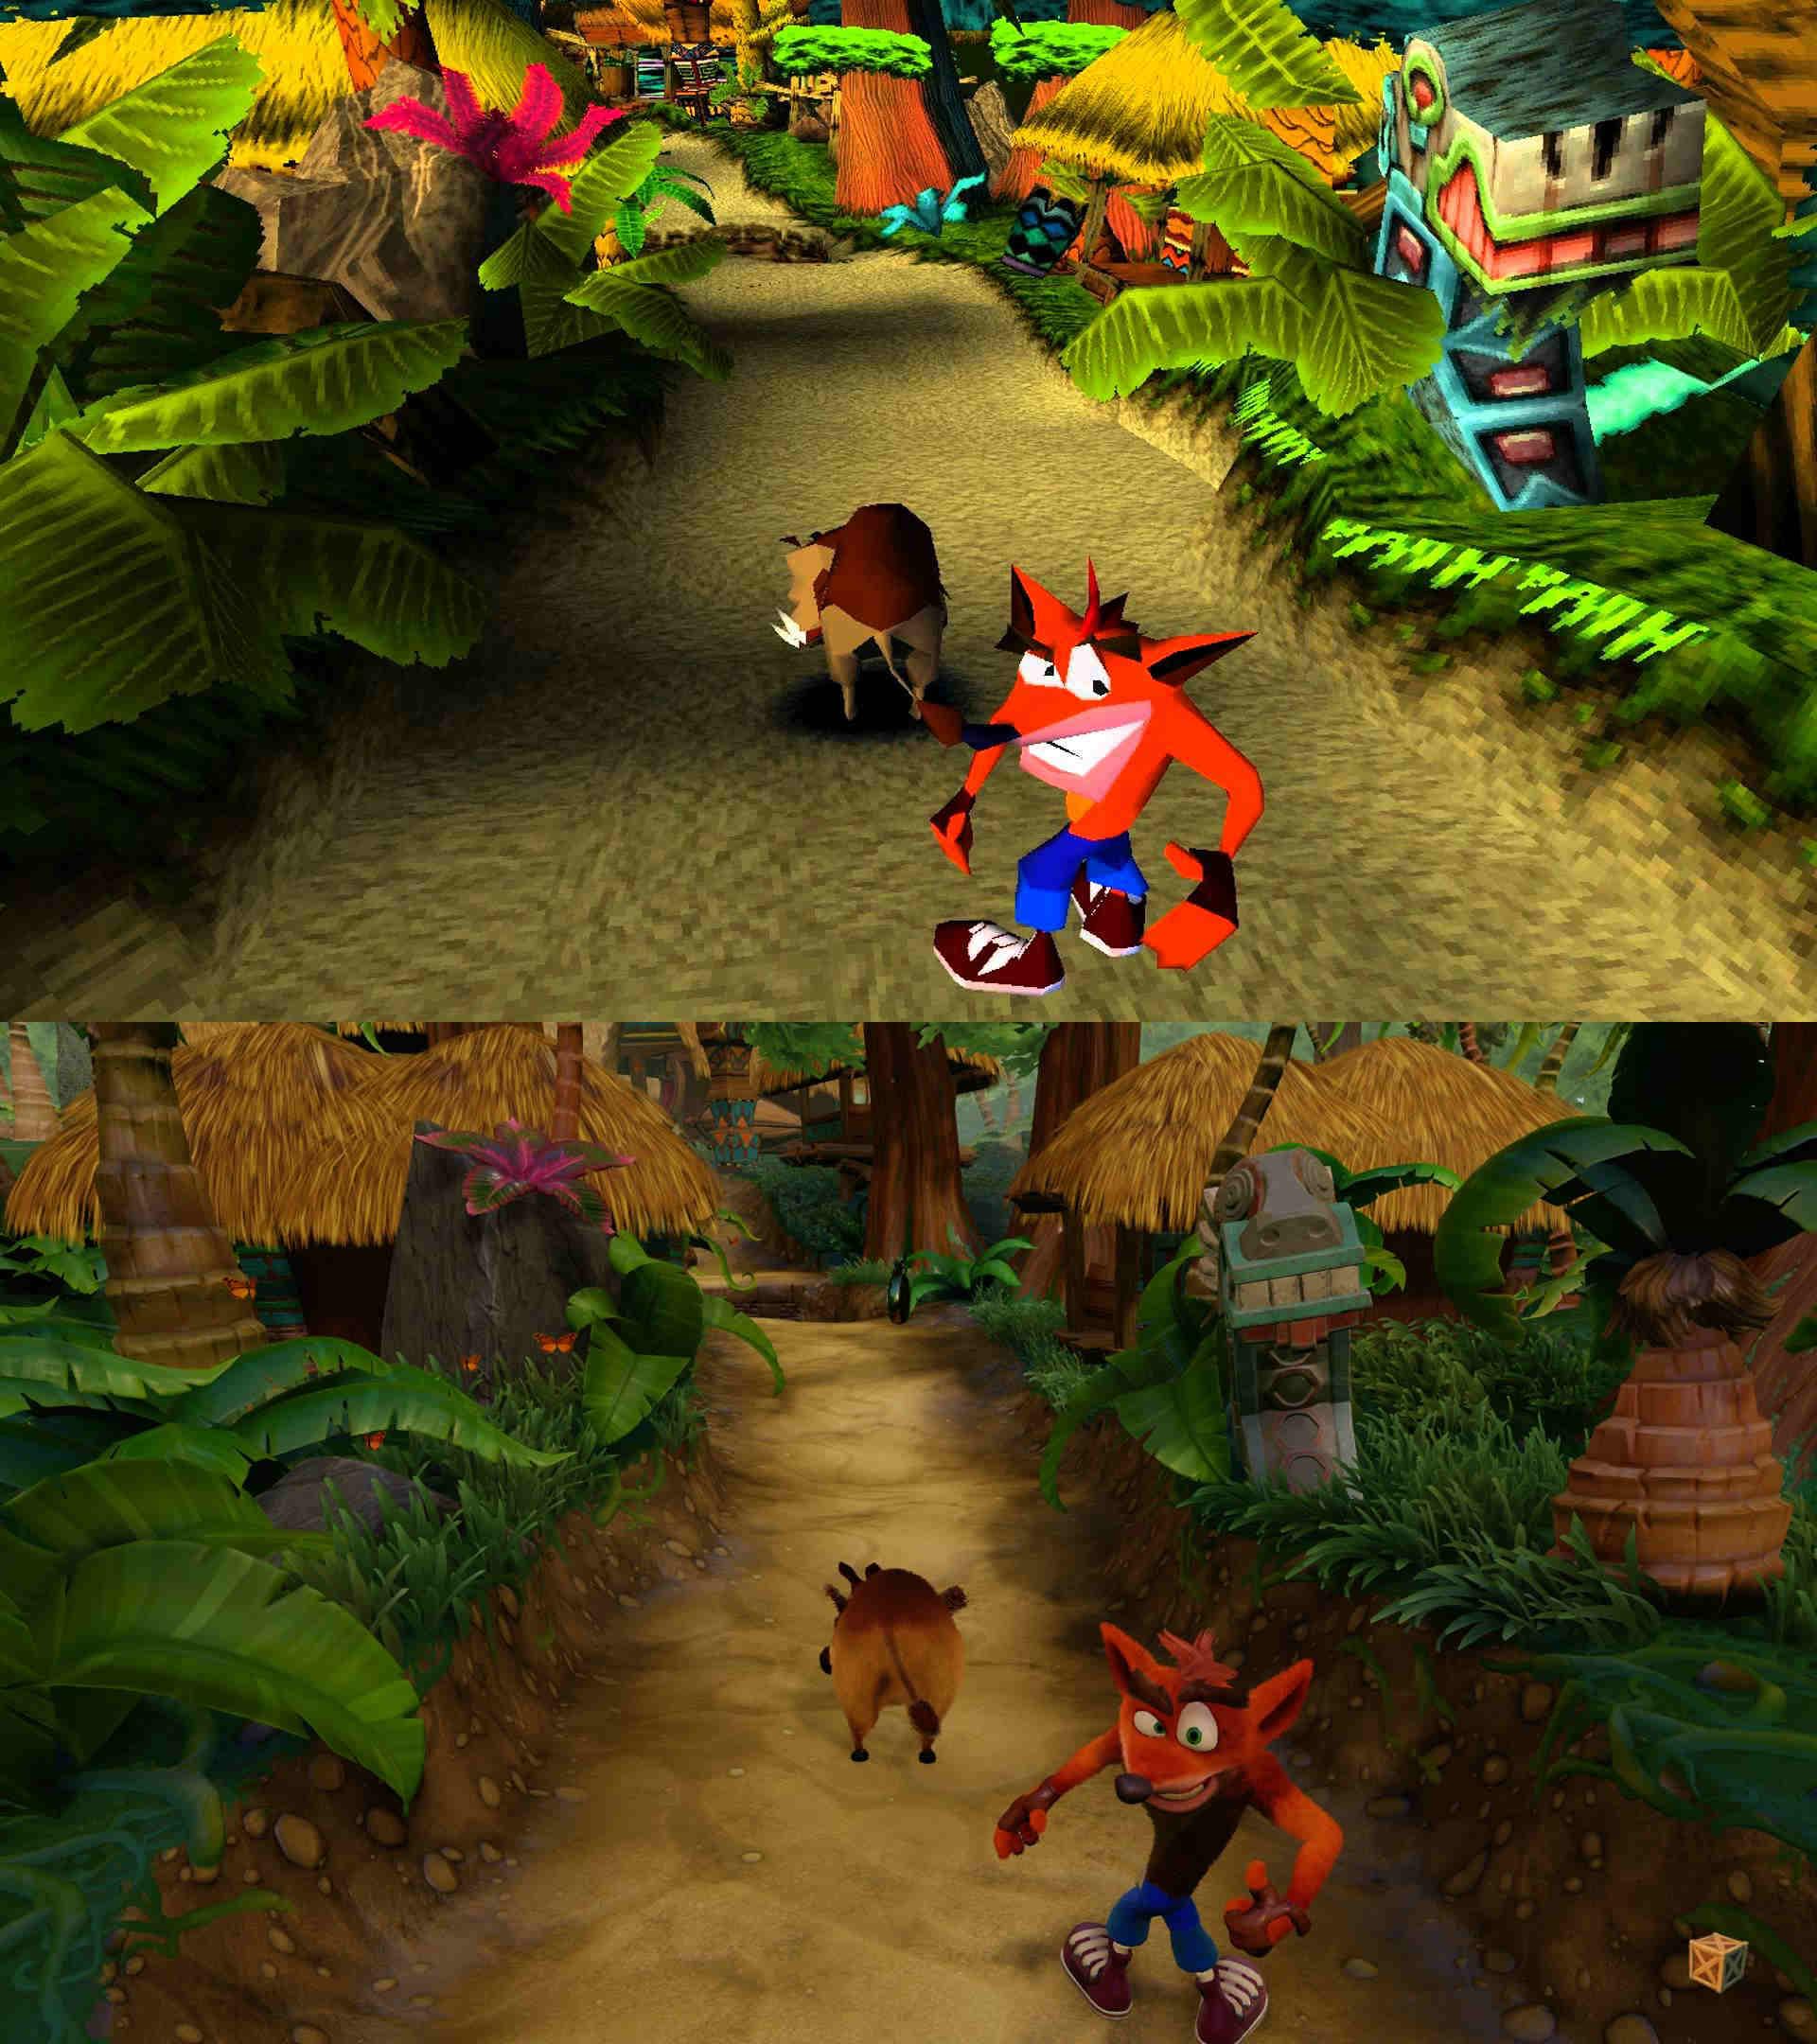 Crash Bandicoot - Original vs. N. Sane Trilogy